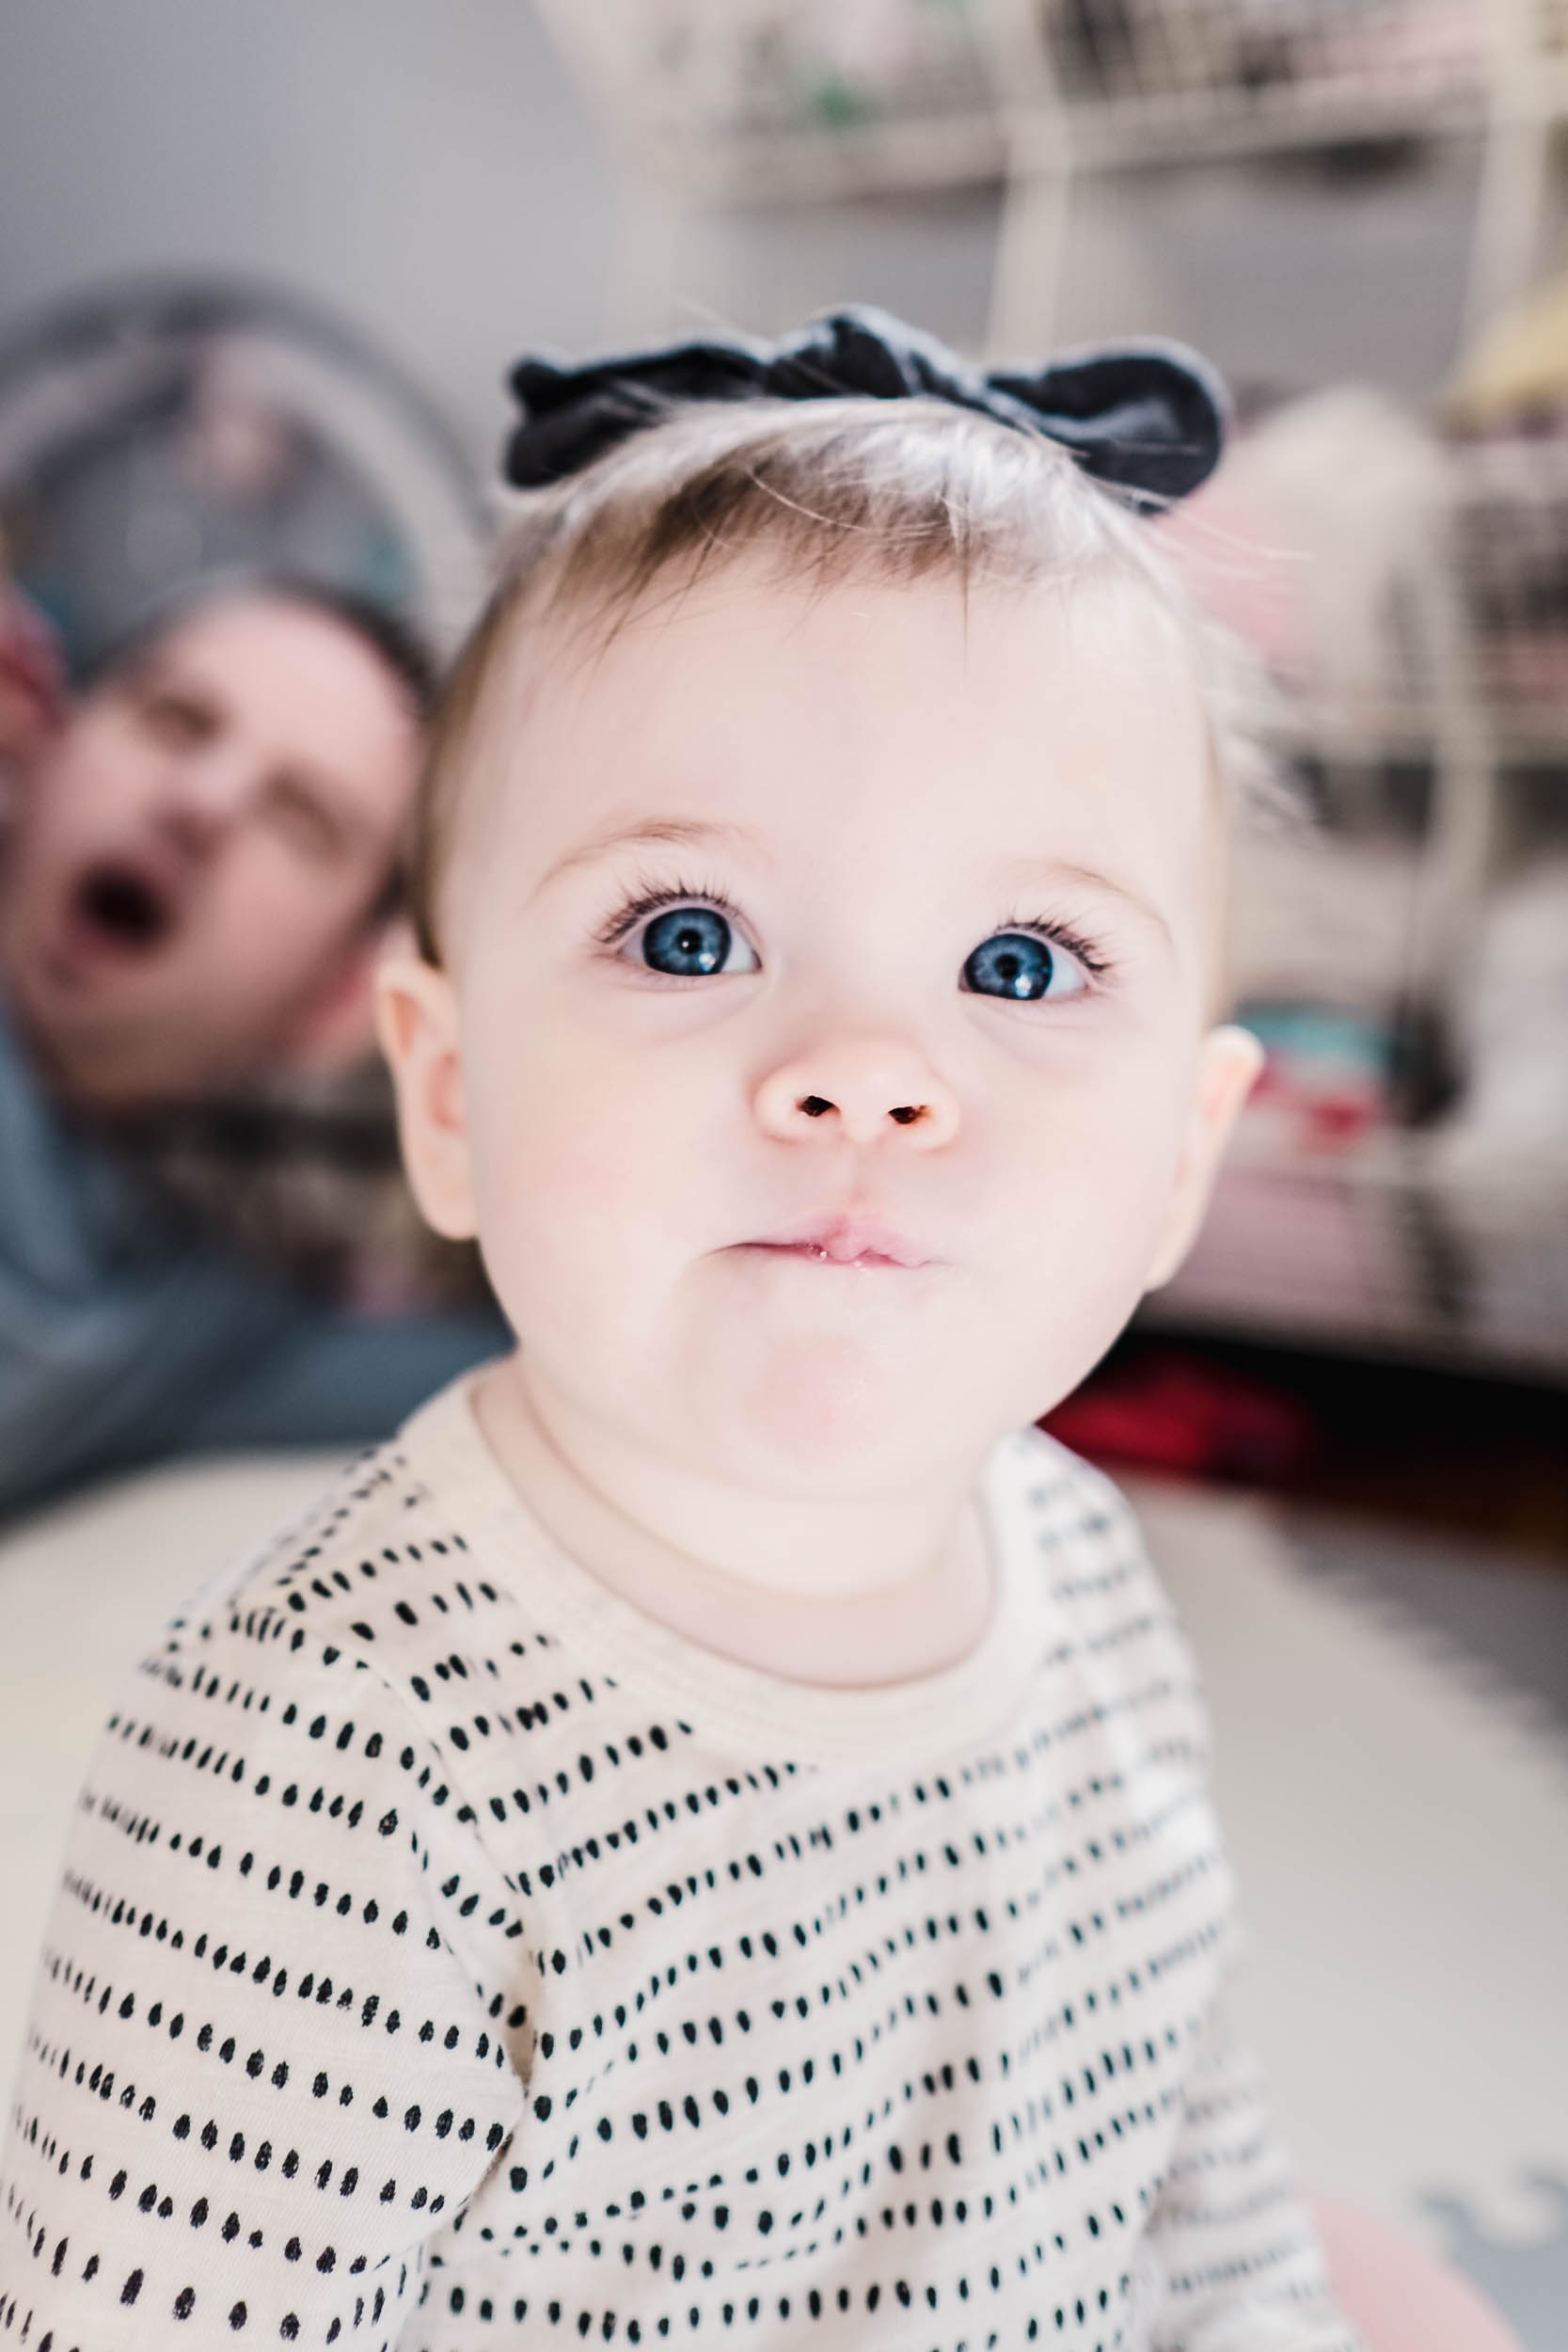 Kristen-Humbert-Family-Photoshoot-Philadelphia_Ruby-James-W-7338.jpg